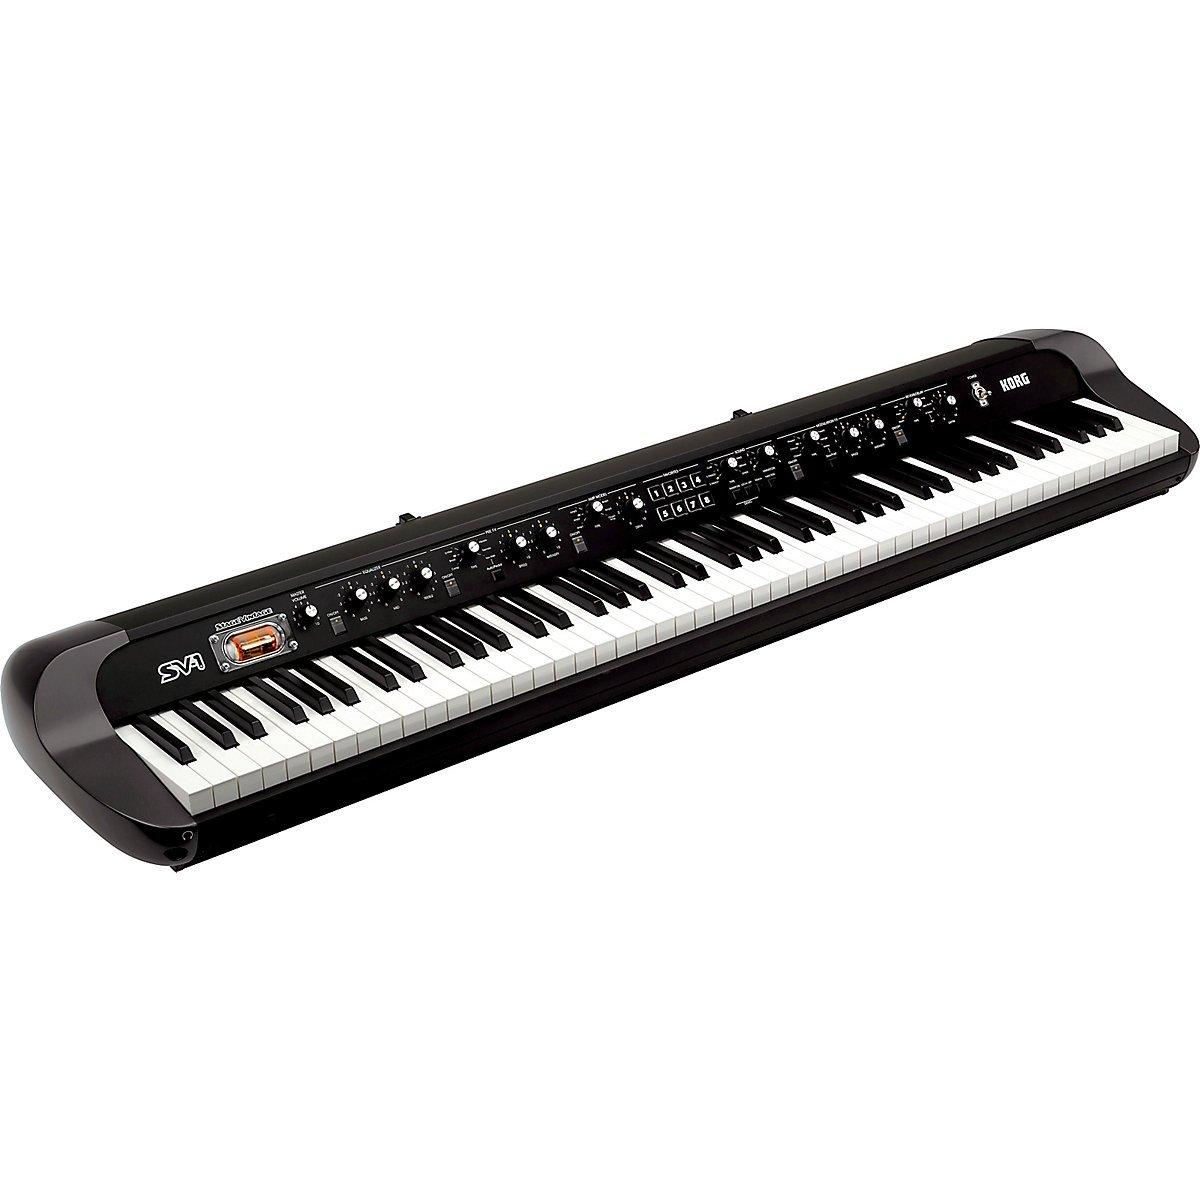 Korg SV-1 Stage Digital Piano